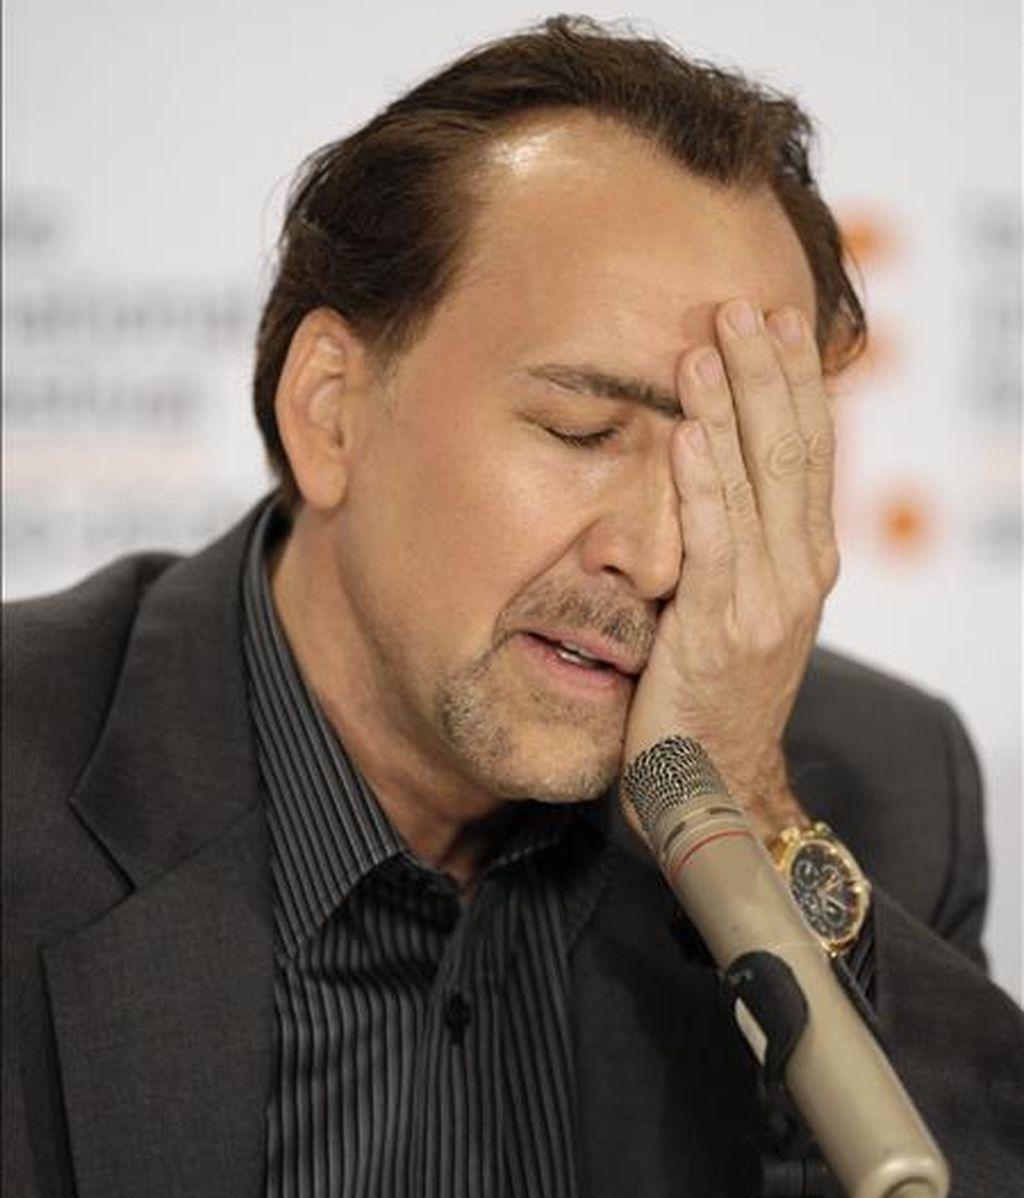 El actor estadounidense Nicolas Cage asiste a una rueda de prensa, el pasado 15 de septiembre, por su película 'Bad Lieutenant: Port of Call New Orleans', durante la edición 34 del Festival Internacional de Cine de Toronto (Canadá). EFE/Archivo